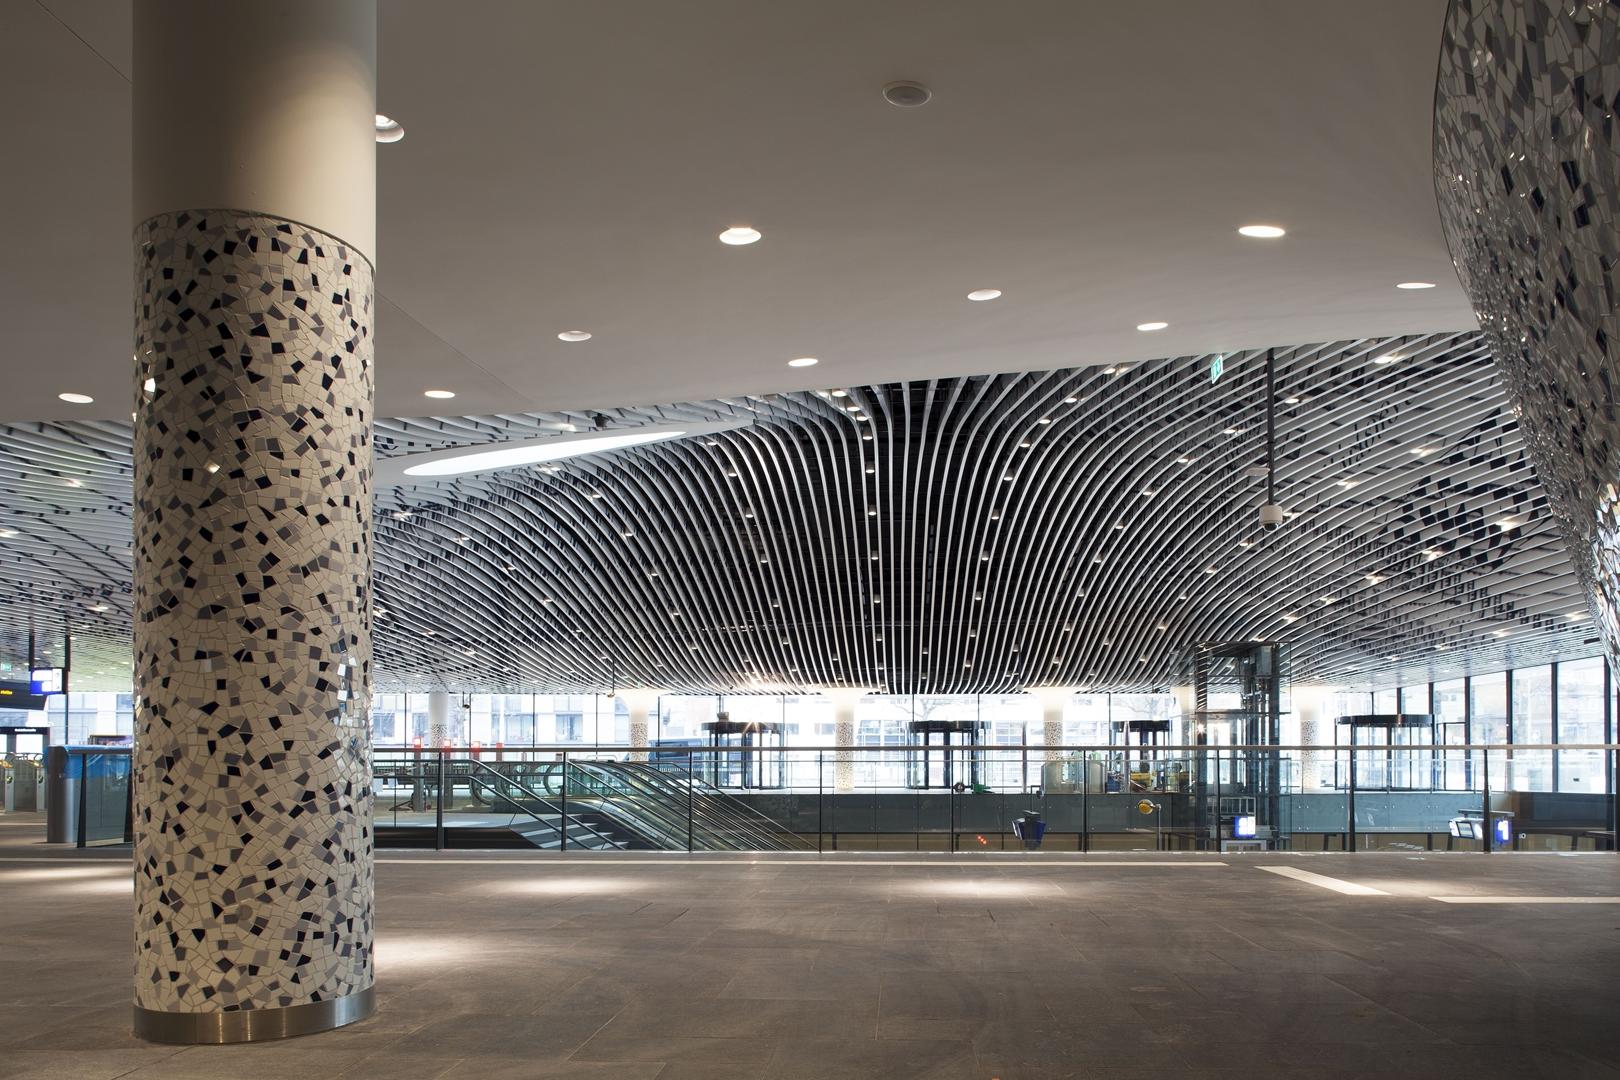 Foto Mecanoo_Stationshal Delft_05 (Copy)